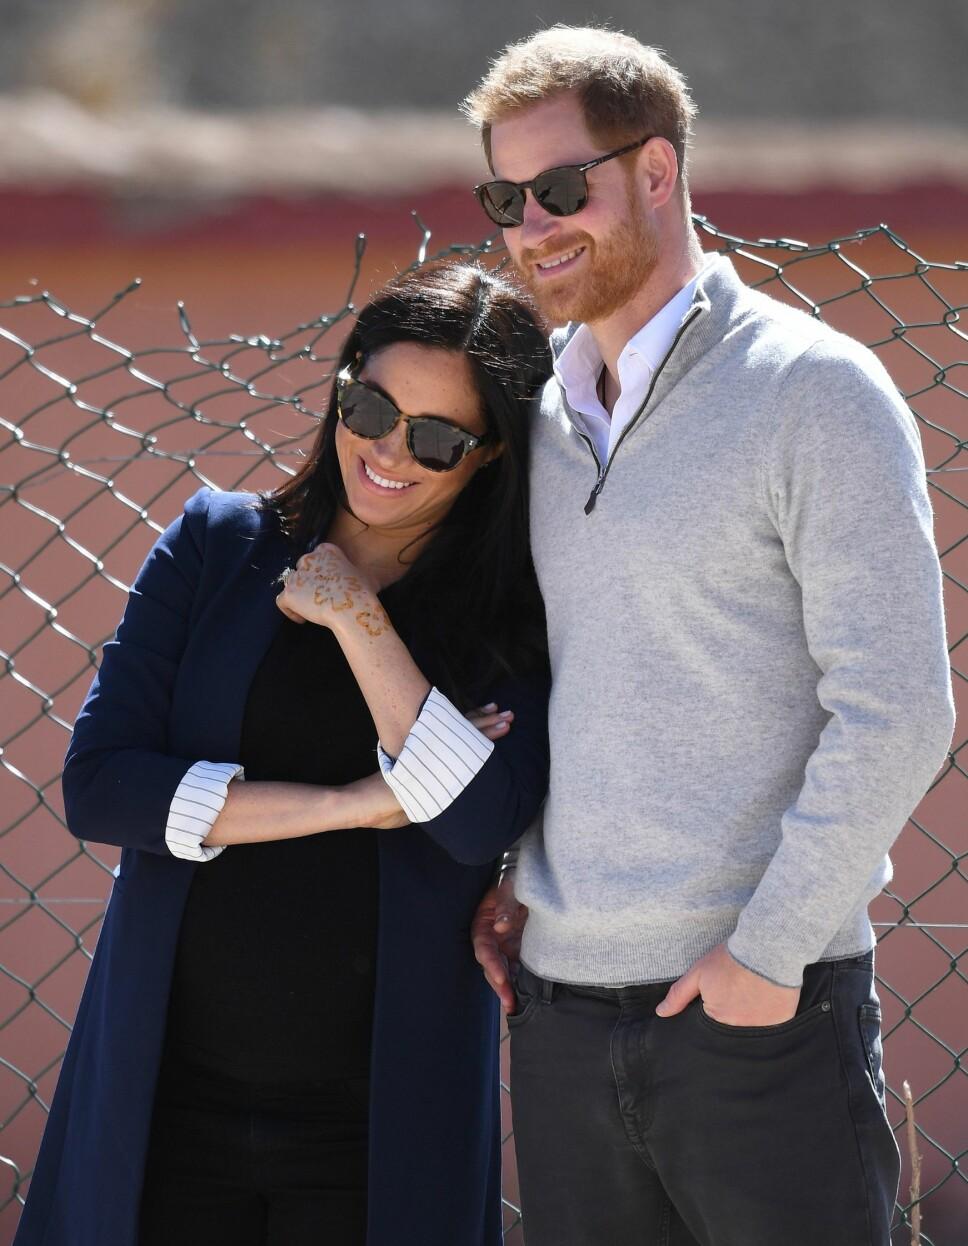 FORELSKET: Hertuginne Meghan og prins Harry stråler av lykke. Under det offisielle besøket i Marokko viste de sin kjærlighet ved en rekke anledninger.